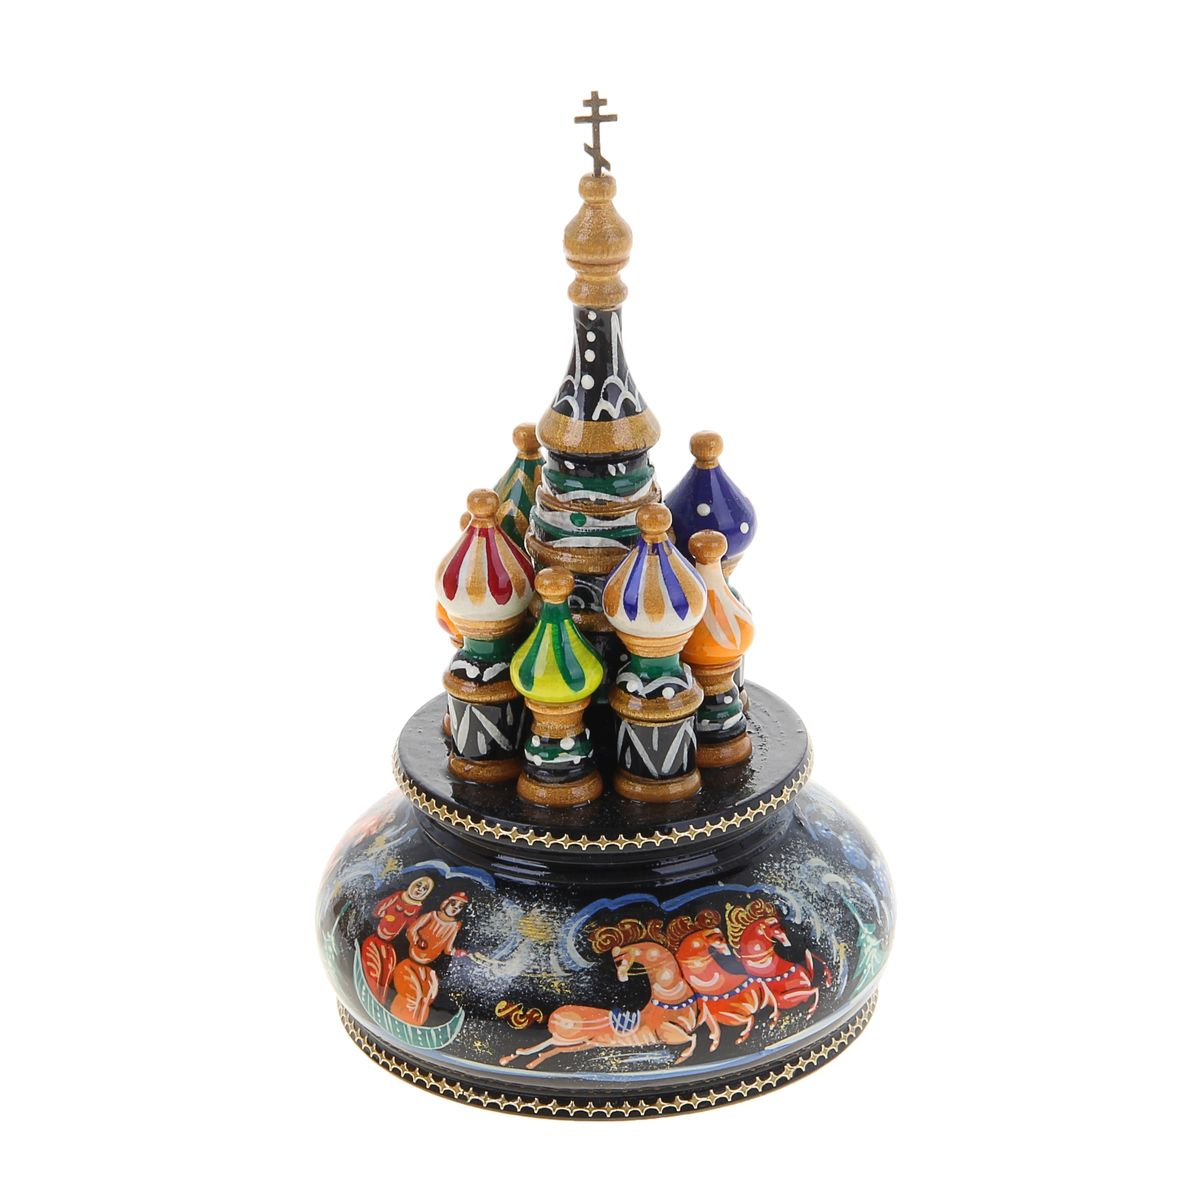 Фигурка декоративная Sima-land Храм, музыкальная, высота 21 см. 10799251079925Декоративная фигурка Sima-land Храм, выполненная из дерева в виде храма, покрыта лаком и оформлена красочными рисунками.Основание фигурки крутится и предназначено для завода музыкального механизма. Поверните основание фигурки, и она начнет медленно вращаться, и заиграет приятная мелодия. Декоративная музыкальна фигурка Sima-land Храм не оставит равнодушным ни одного любителя изысканных вещей и станет прекрасным подарком. Размер фигурки: 11 см х 11 см х 21 см.